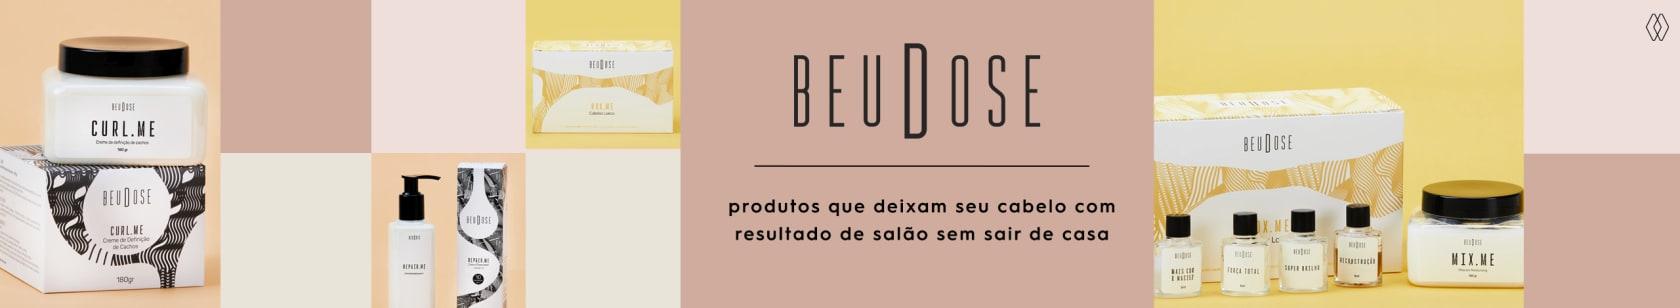 BEUDOSE | AMARO